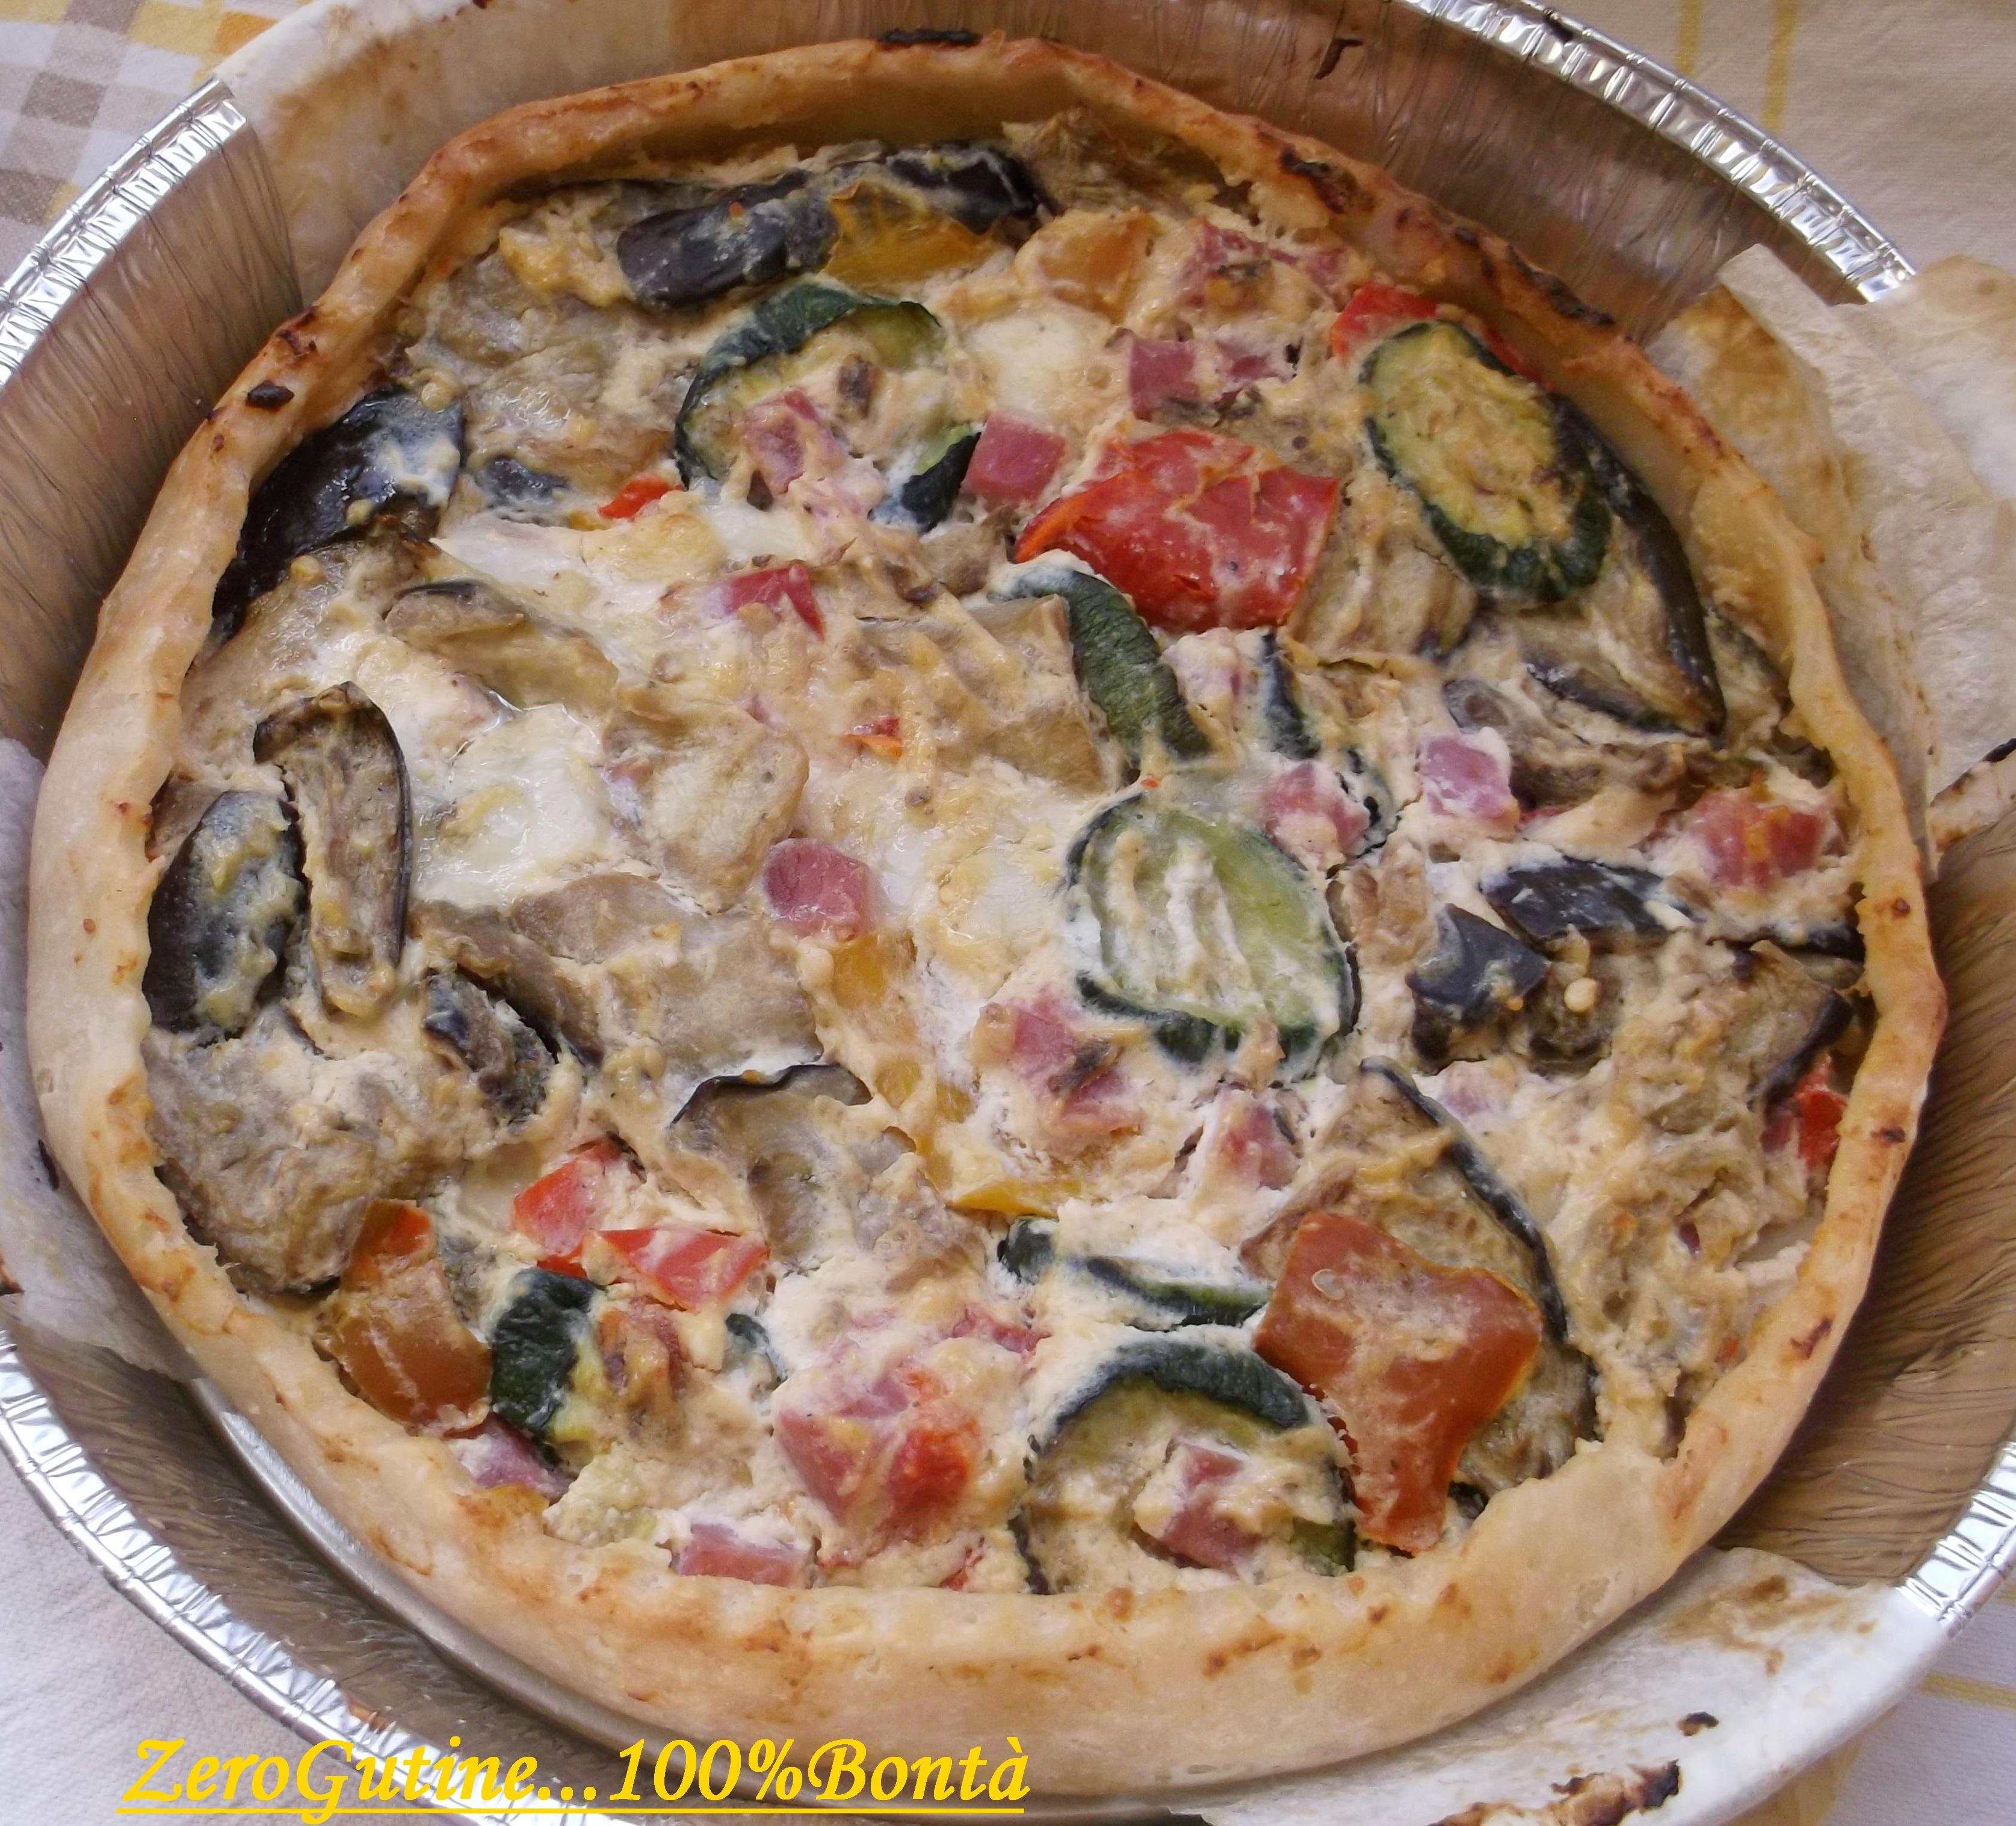 Buon sabato amici oggi vi propongo una ricetta unica preparata con la pasta  Sfoglia senza glutine la Torta Salata con Ricotta e verdure.